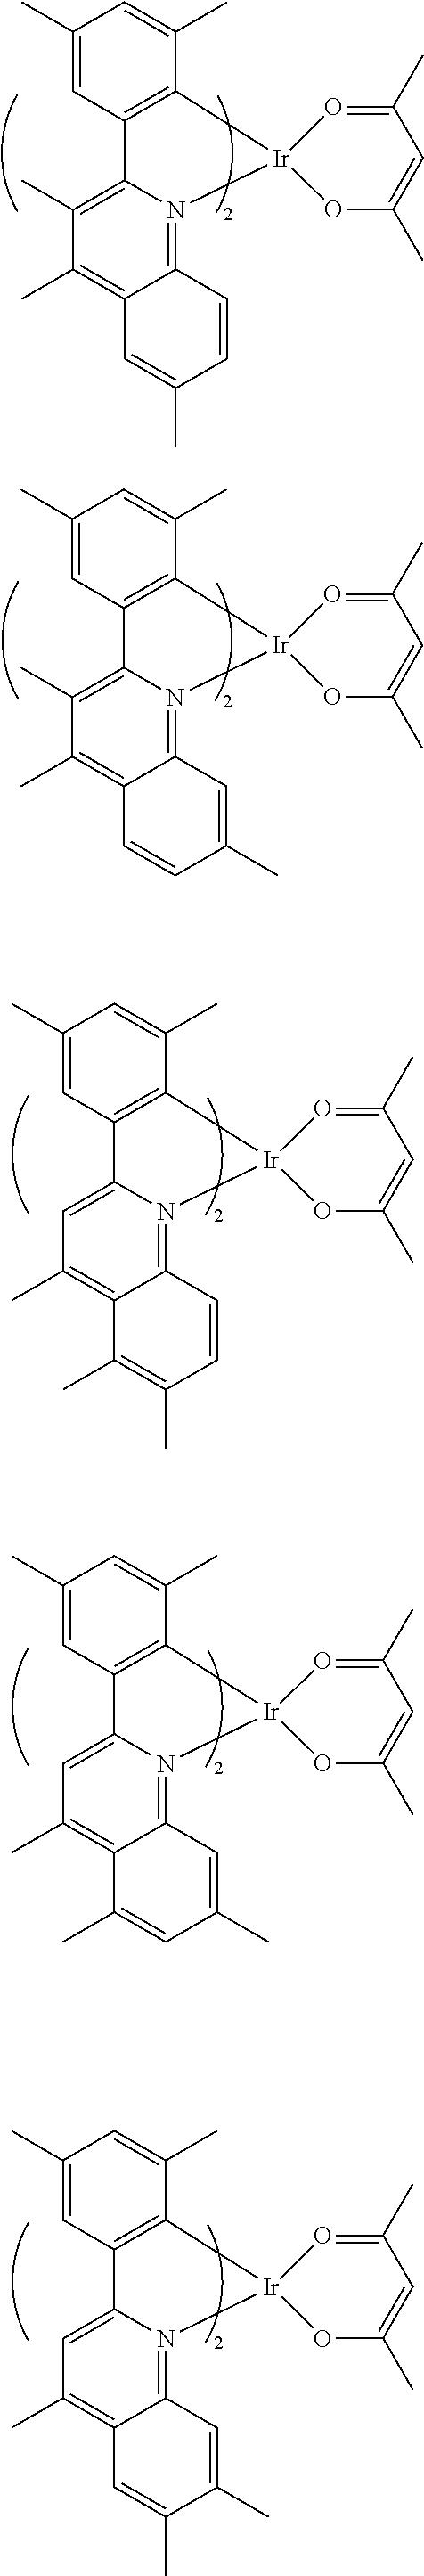 Figure US09324958-20160426-C00041